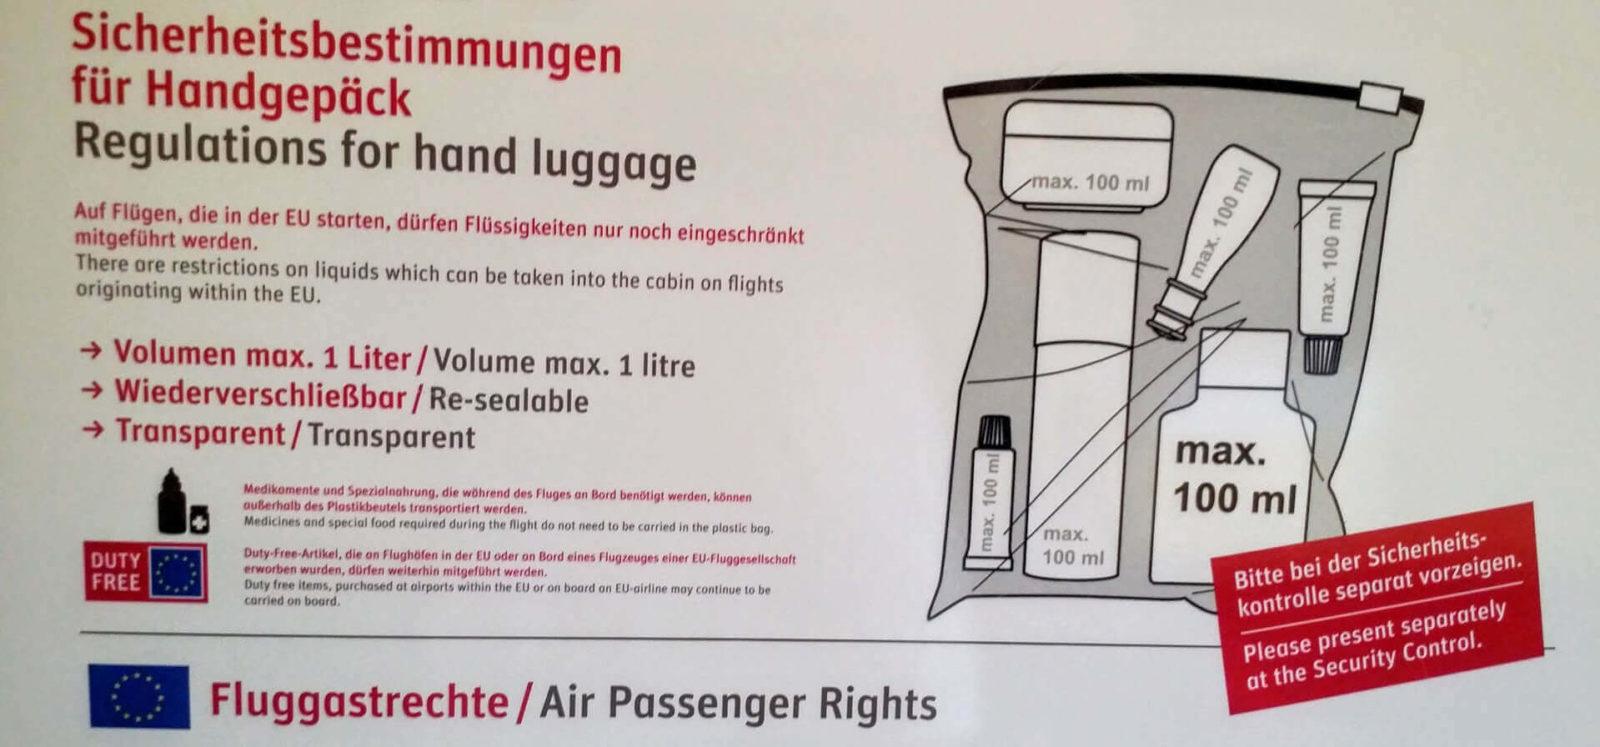 Sicherheitsbestimmungen für Handgepäck